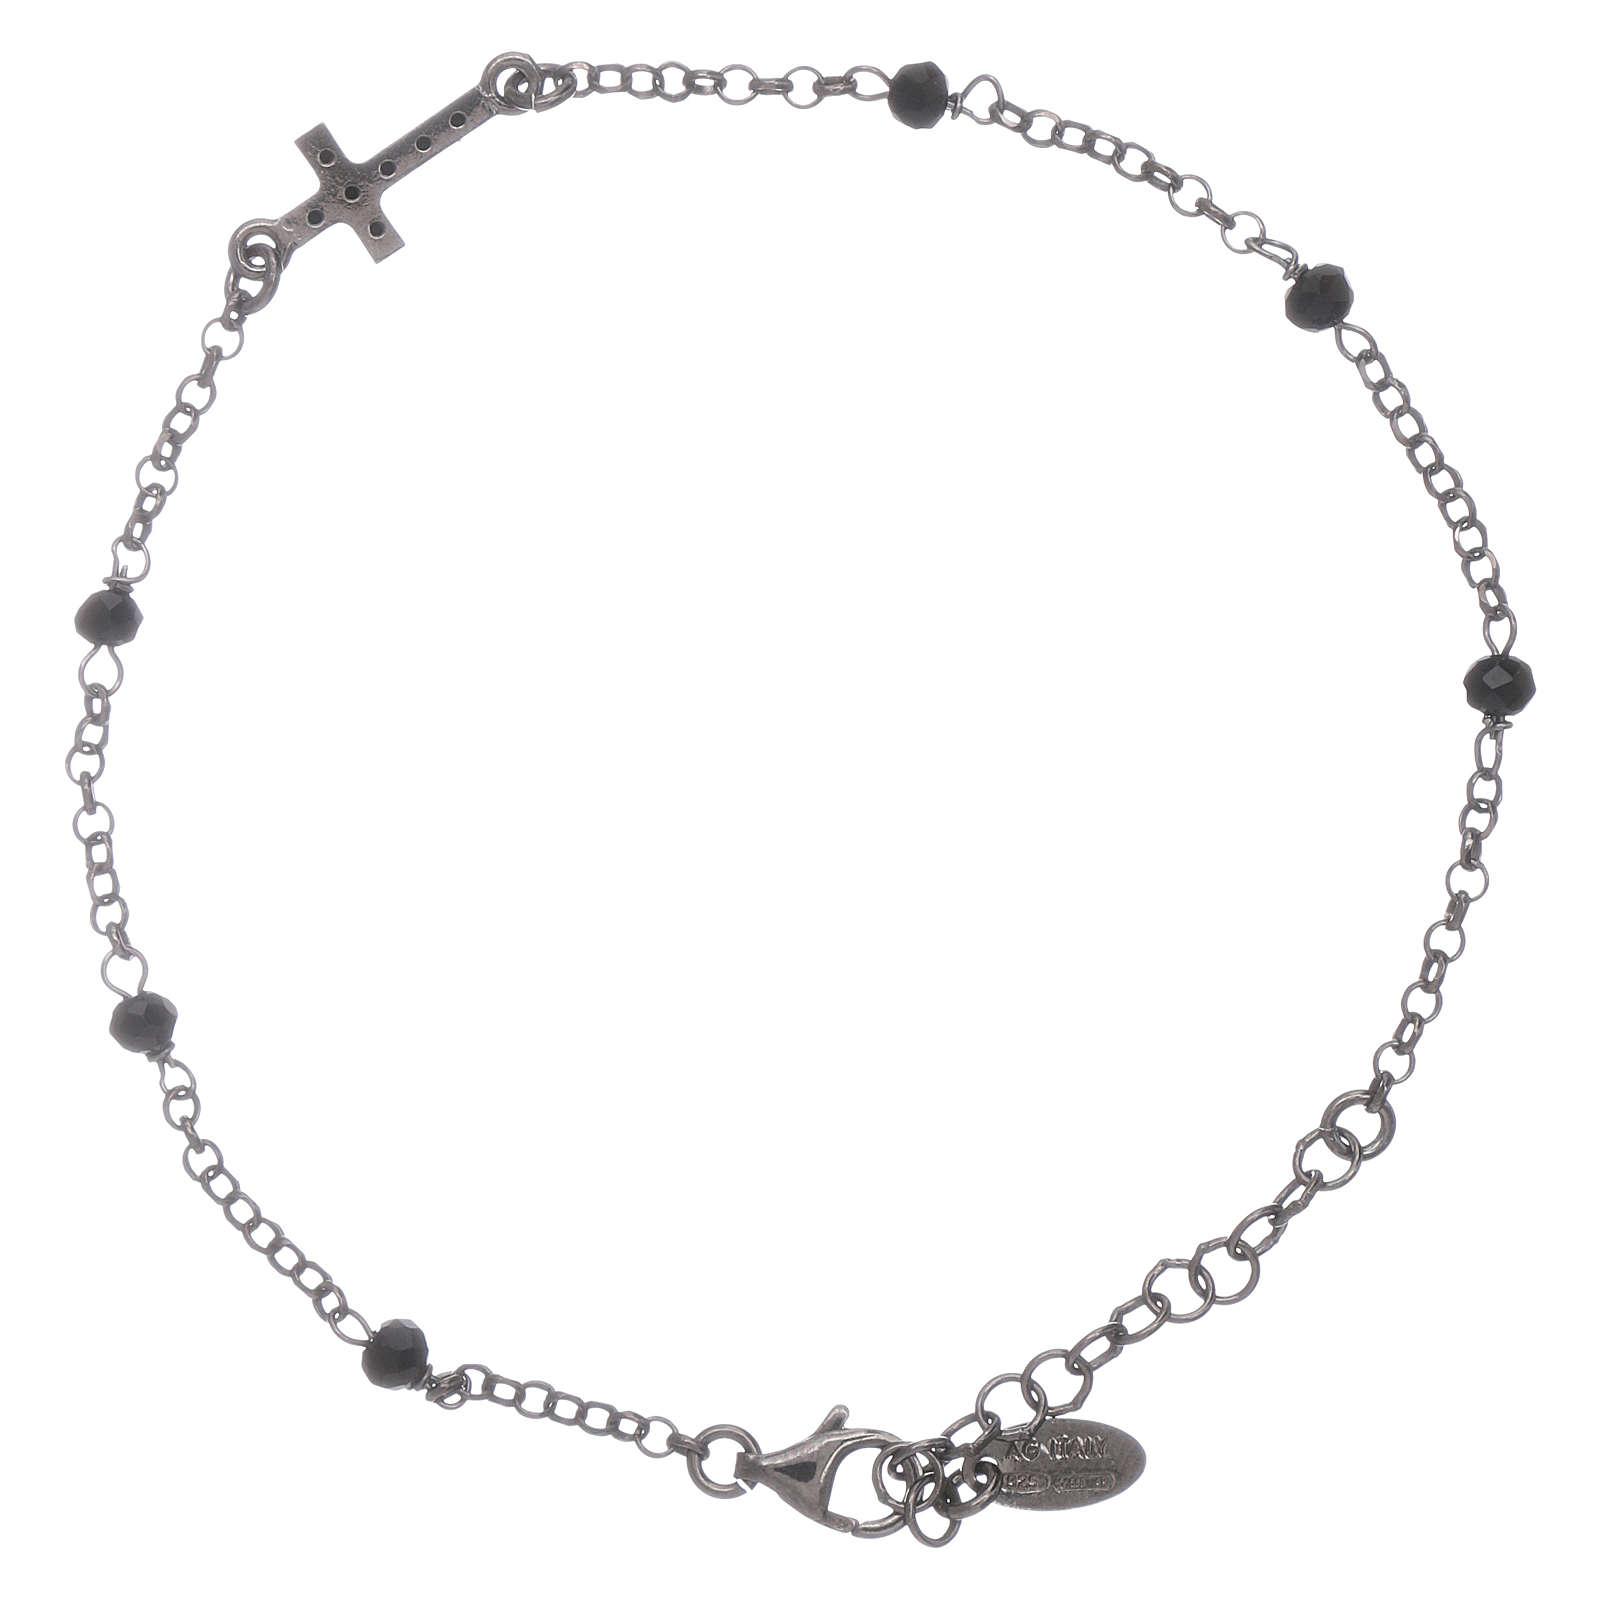 Bracciale cristalli neri AMEN arg 925 rodiato nero croce zirconata 4